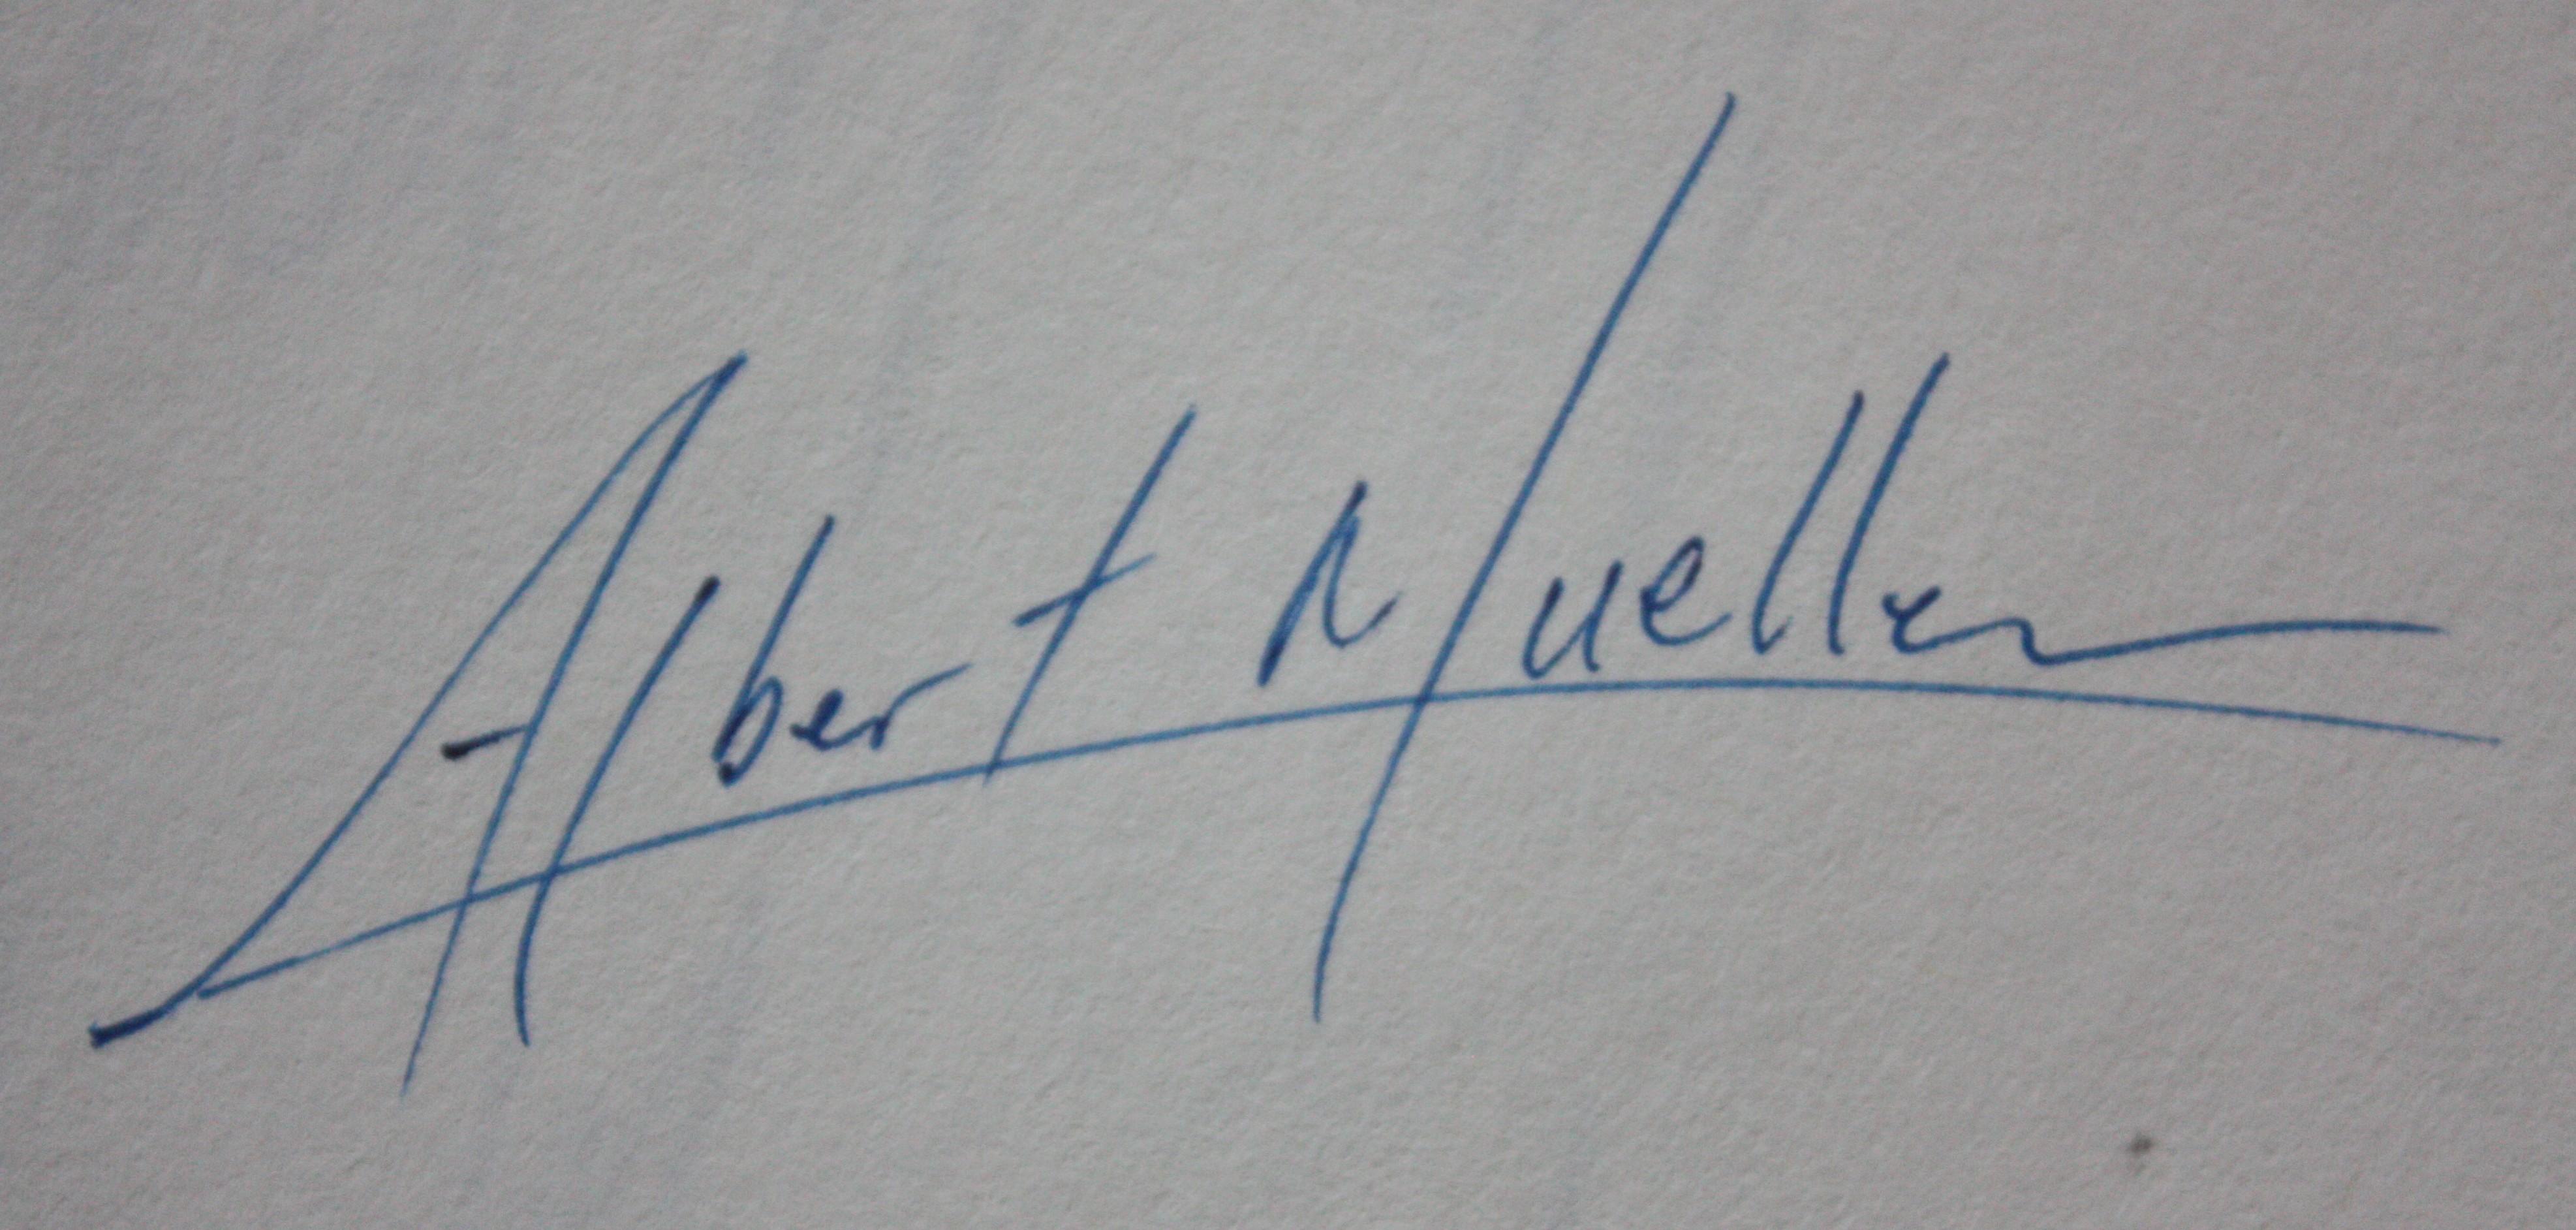 Albert Mueller's Signature